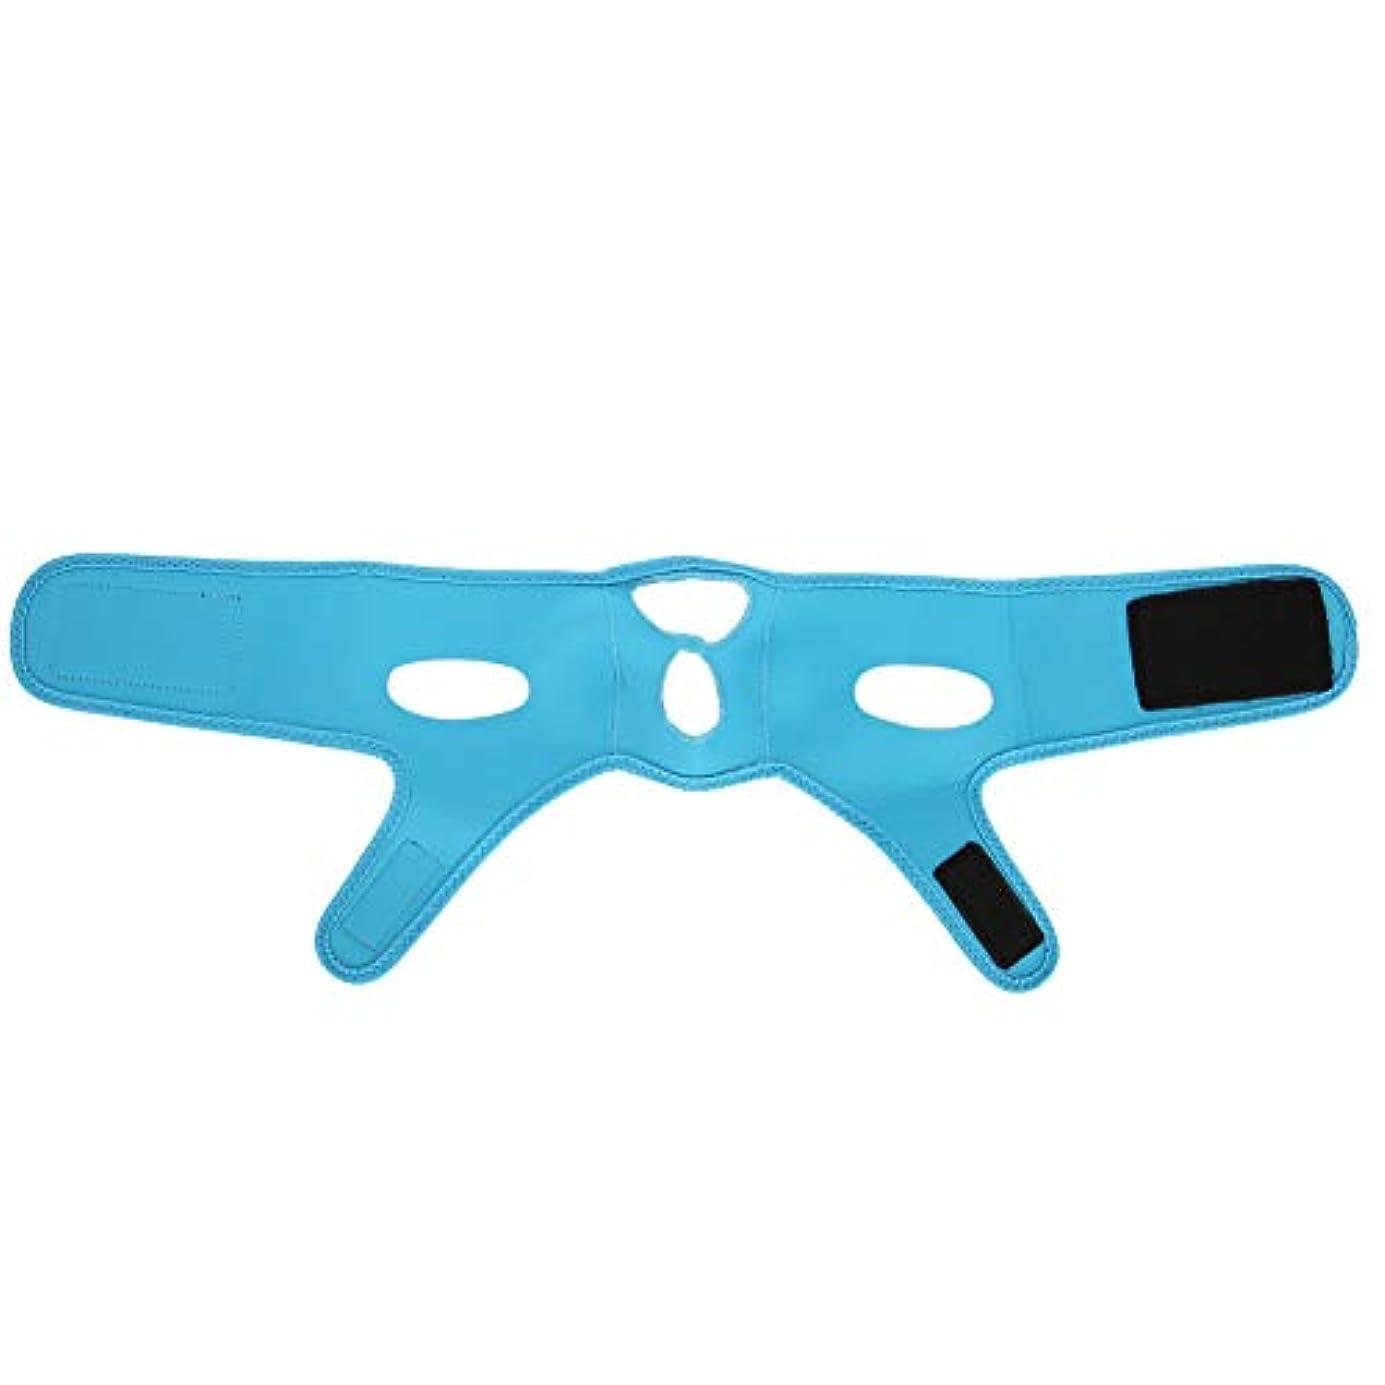 中間付き添い人はしご引き締めマスク美容包帯 顔の輪郭を改善するためのフェイスマスクのスリム化 Vフェイス 通気性 伸縮性 非変形性